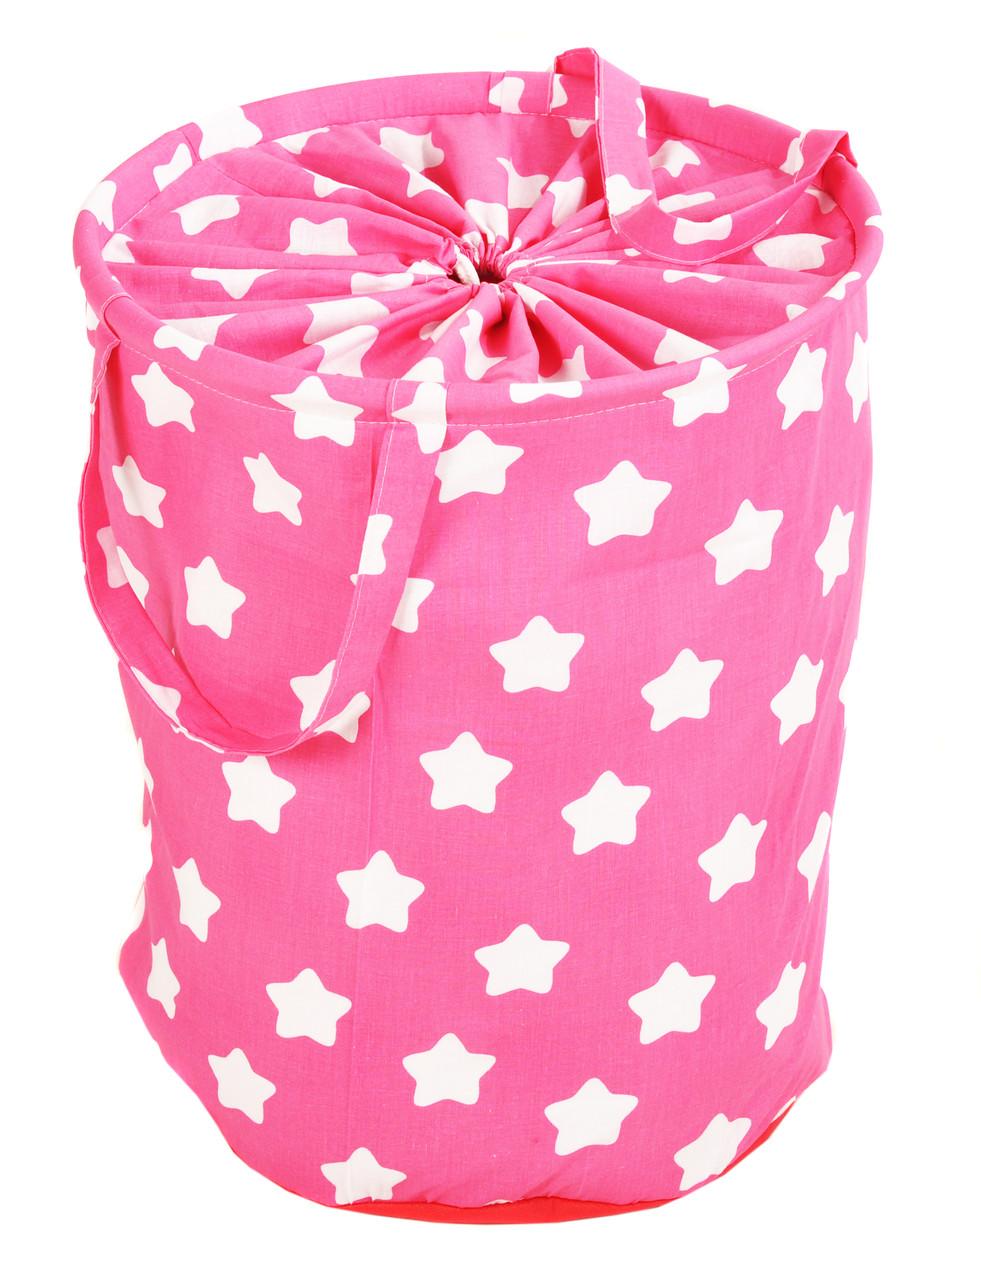 Корзина для игрушек элит, 40*50, хлопок: звезды на розовом